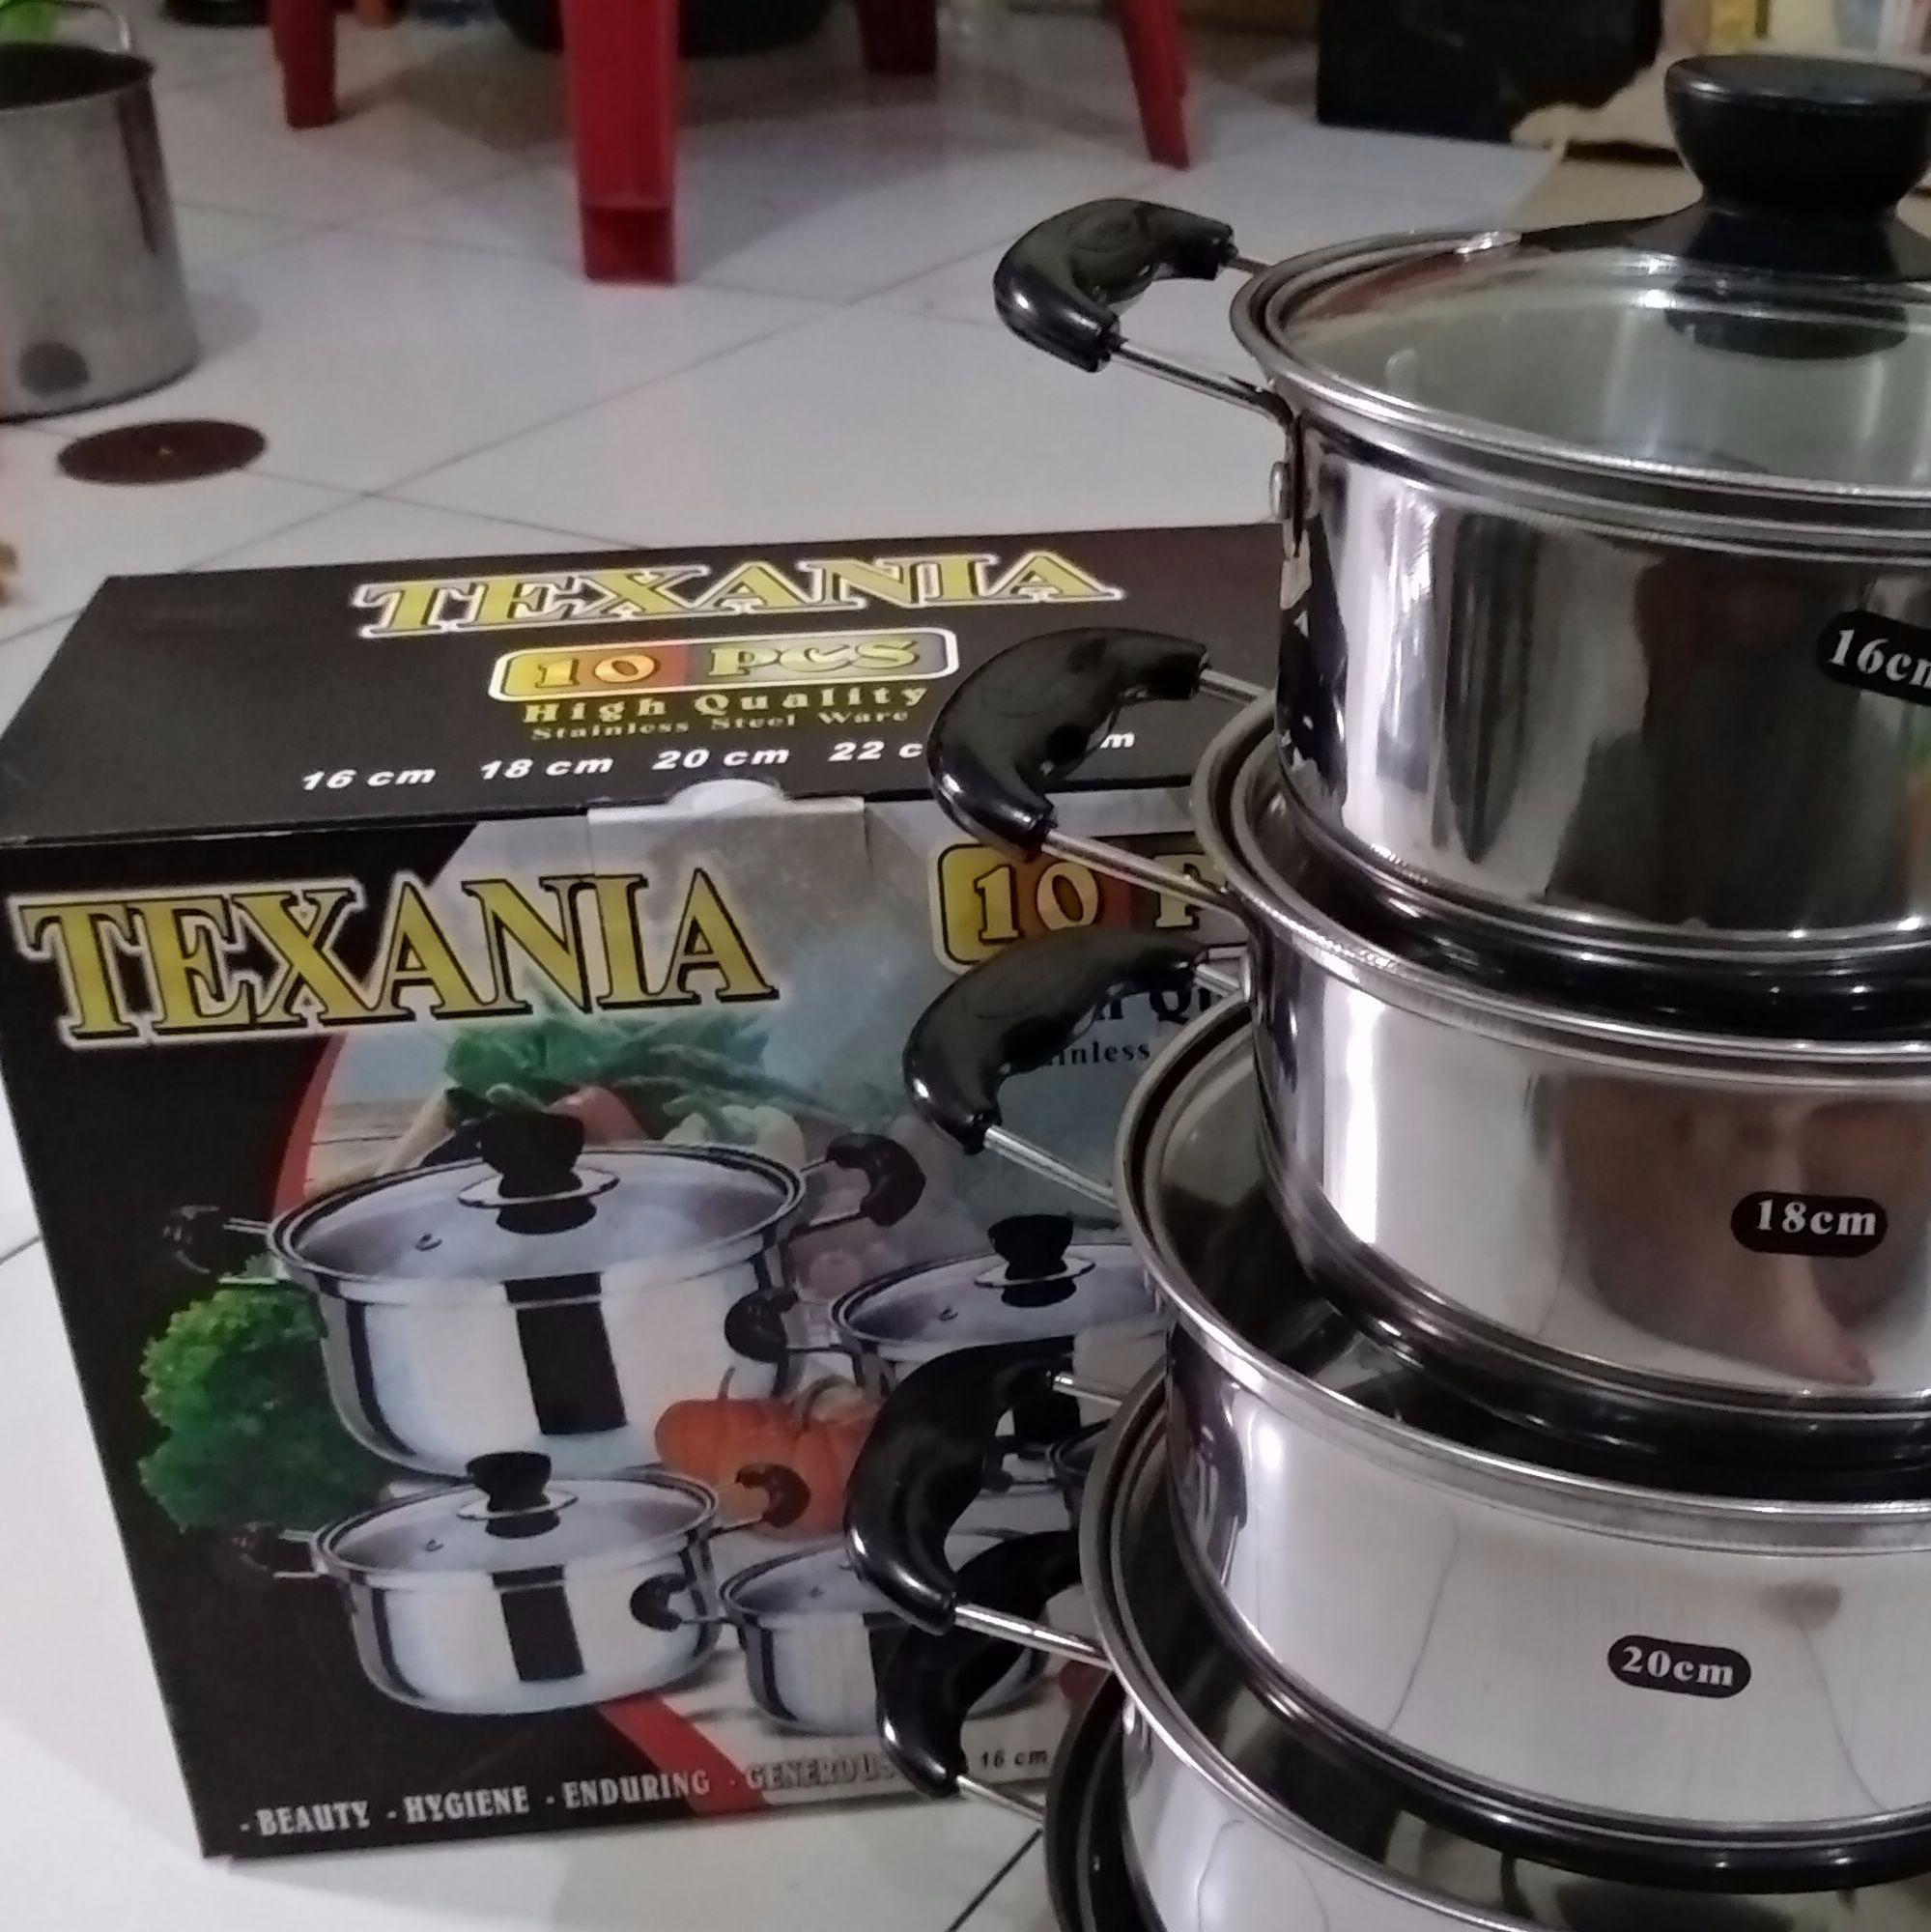 Peralatan Masak Wajan Kuali Penggorengan Stainless 40 cm -Cocok untuk nasi goreng-. Panci OKSUKA (5 SET)